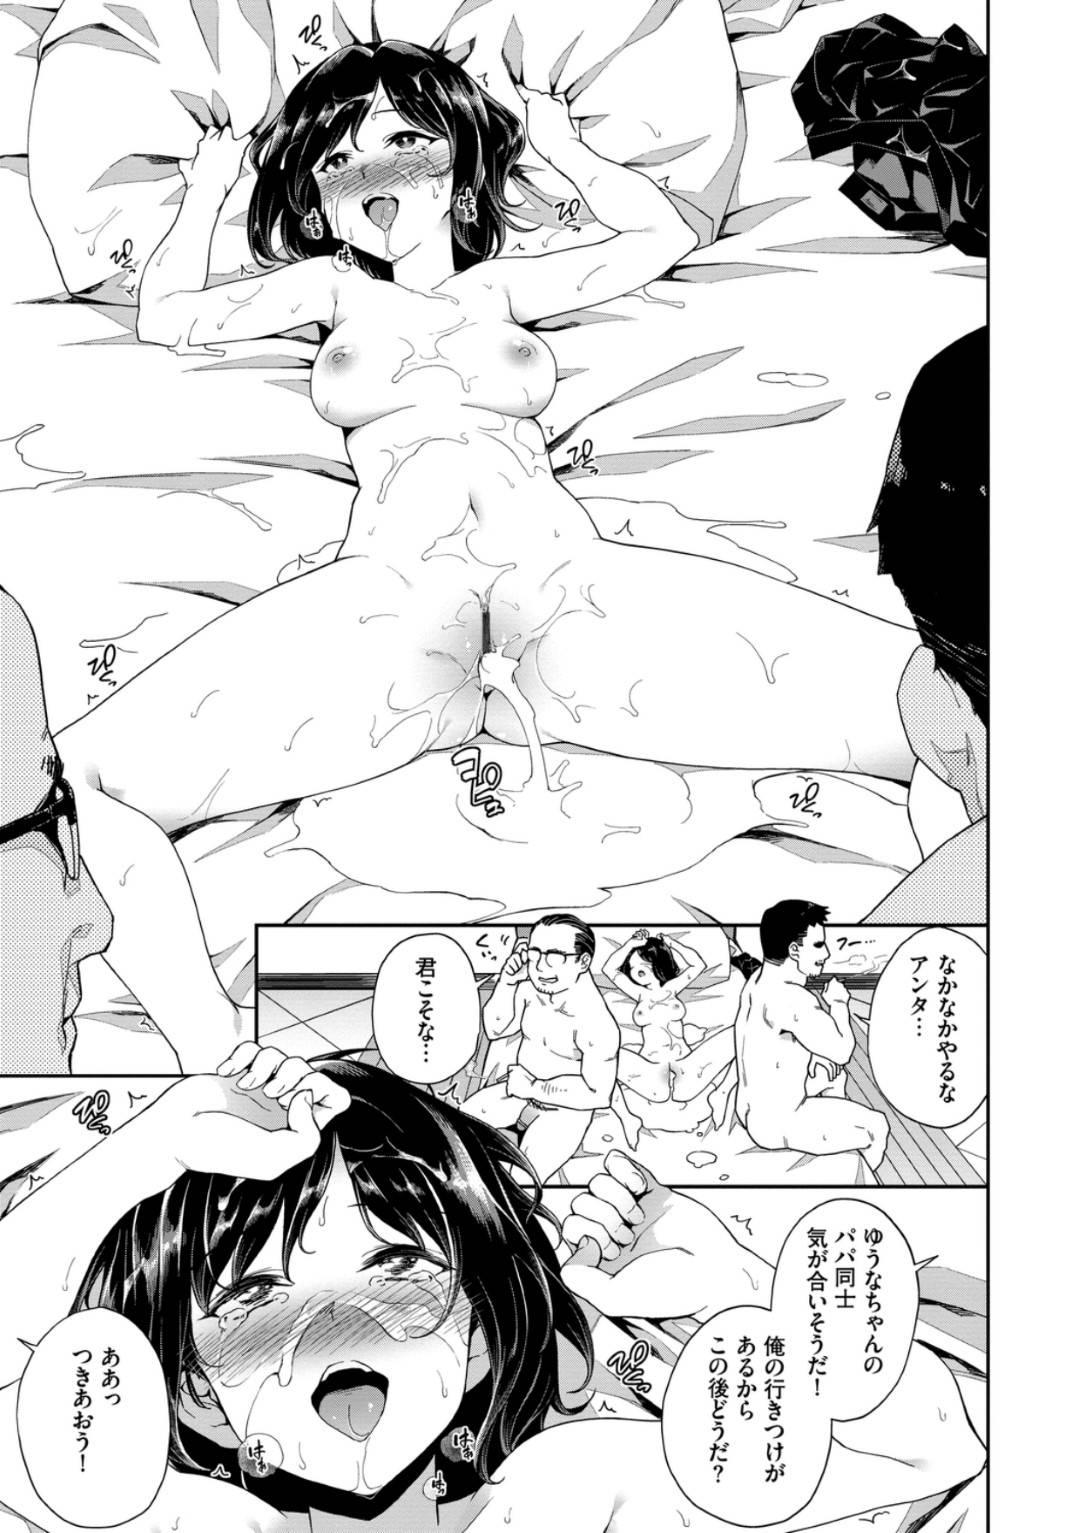 【エロ漫画】3Pに興味津々なあまり2人の援交相手をホテルへと呼び出した淫乱JK…男たちは彼女を独占しようと取り合うように乳首責めや手マンなどをし、更には2穴挿入セックスまでしてしまう!【そら豆さん:パパくらべ】